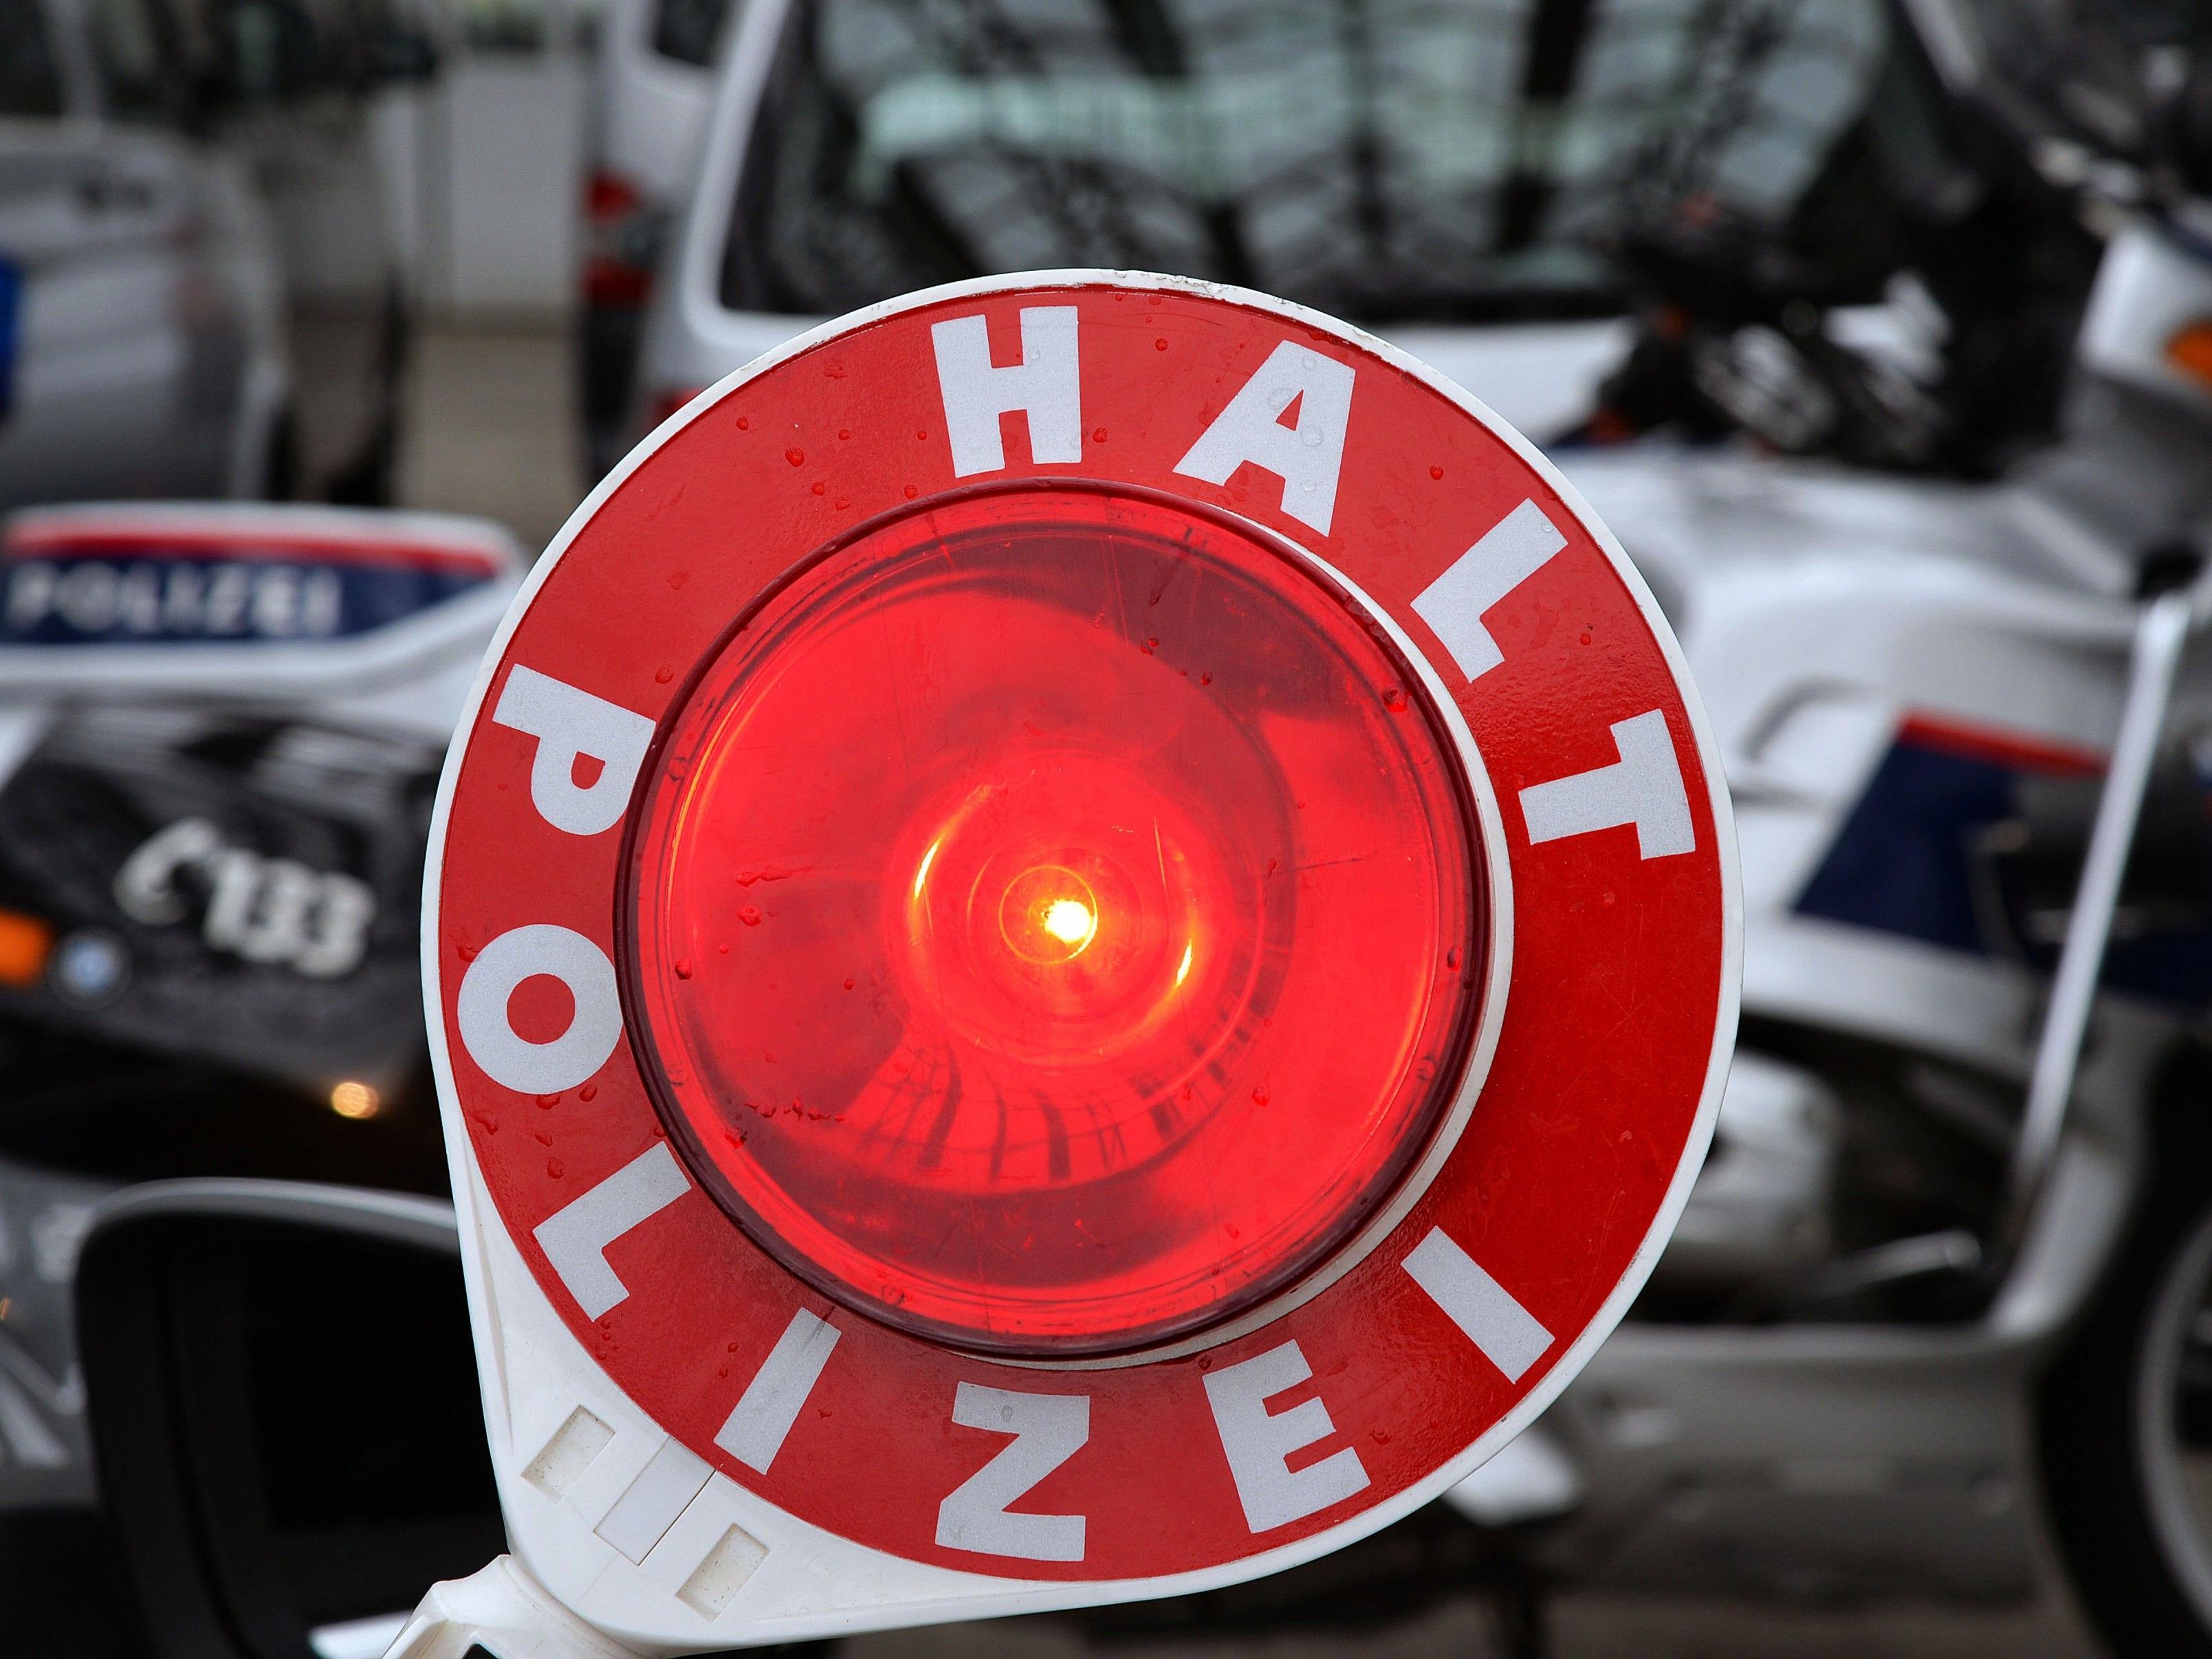 Erfolg für die Polizei bei einer Schwerpunktkontrolle in zwei Wiener Bezirken